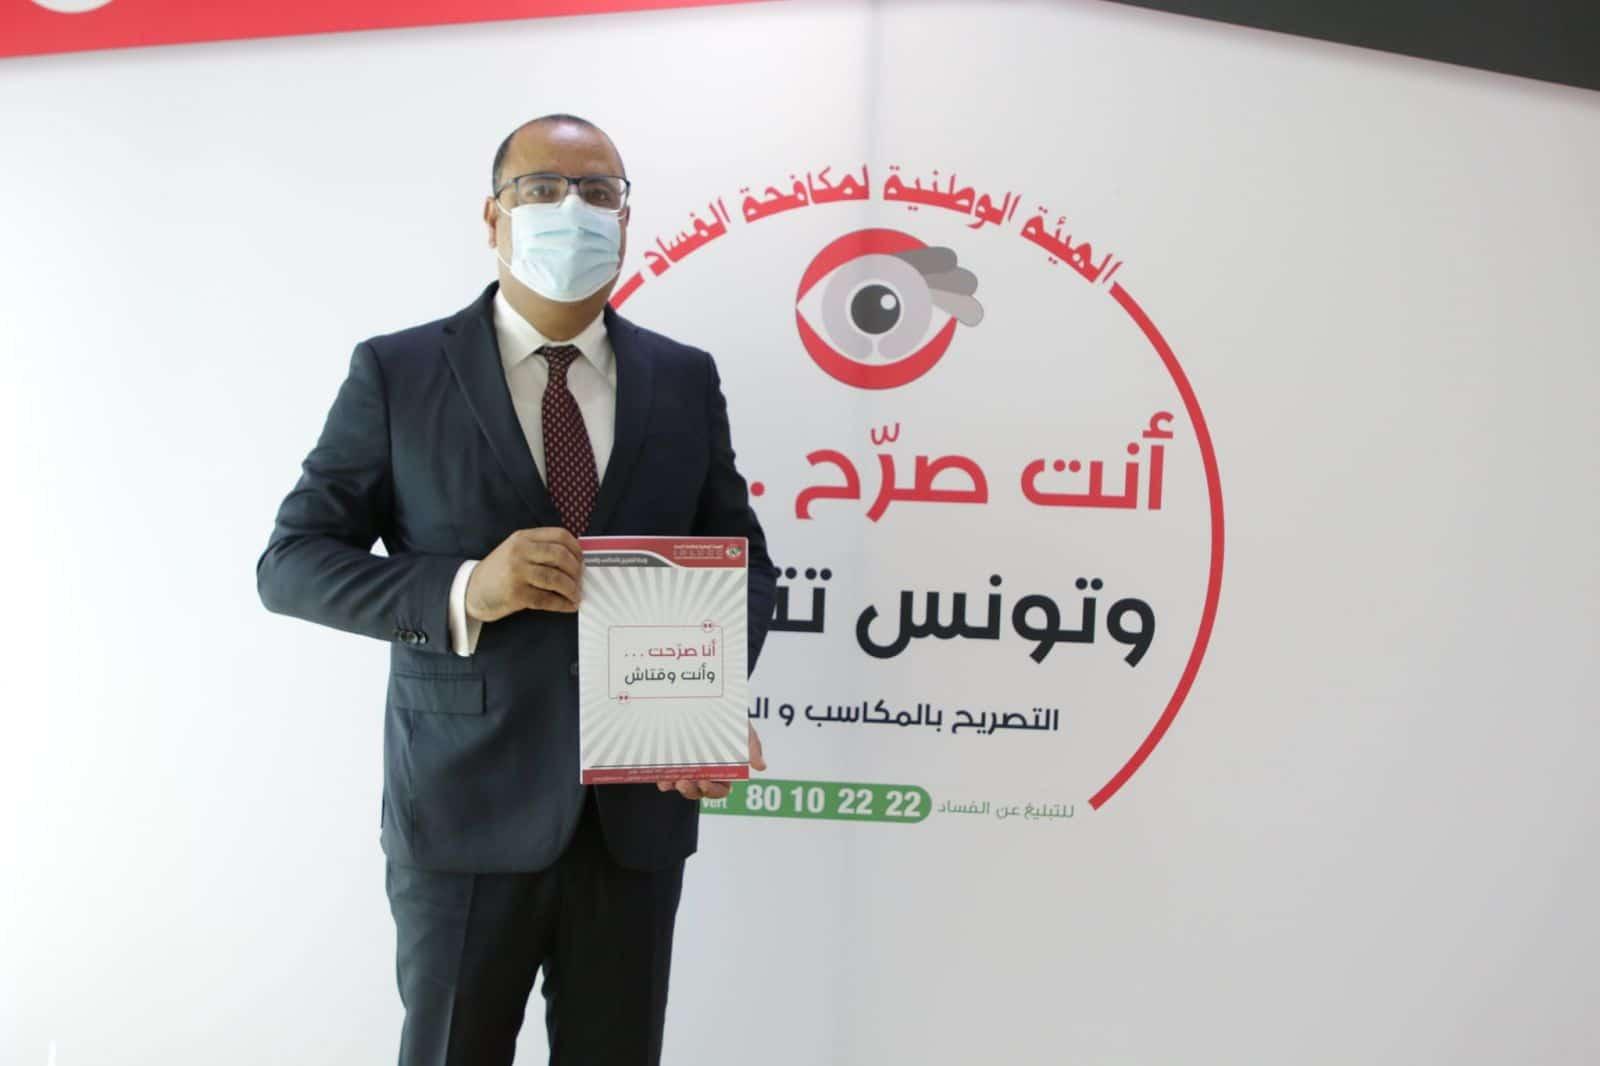 هشام المشيشي يظهر اخيراً